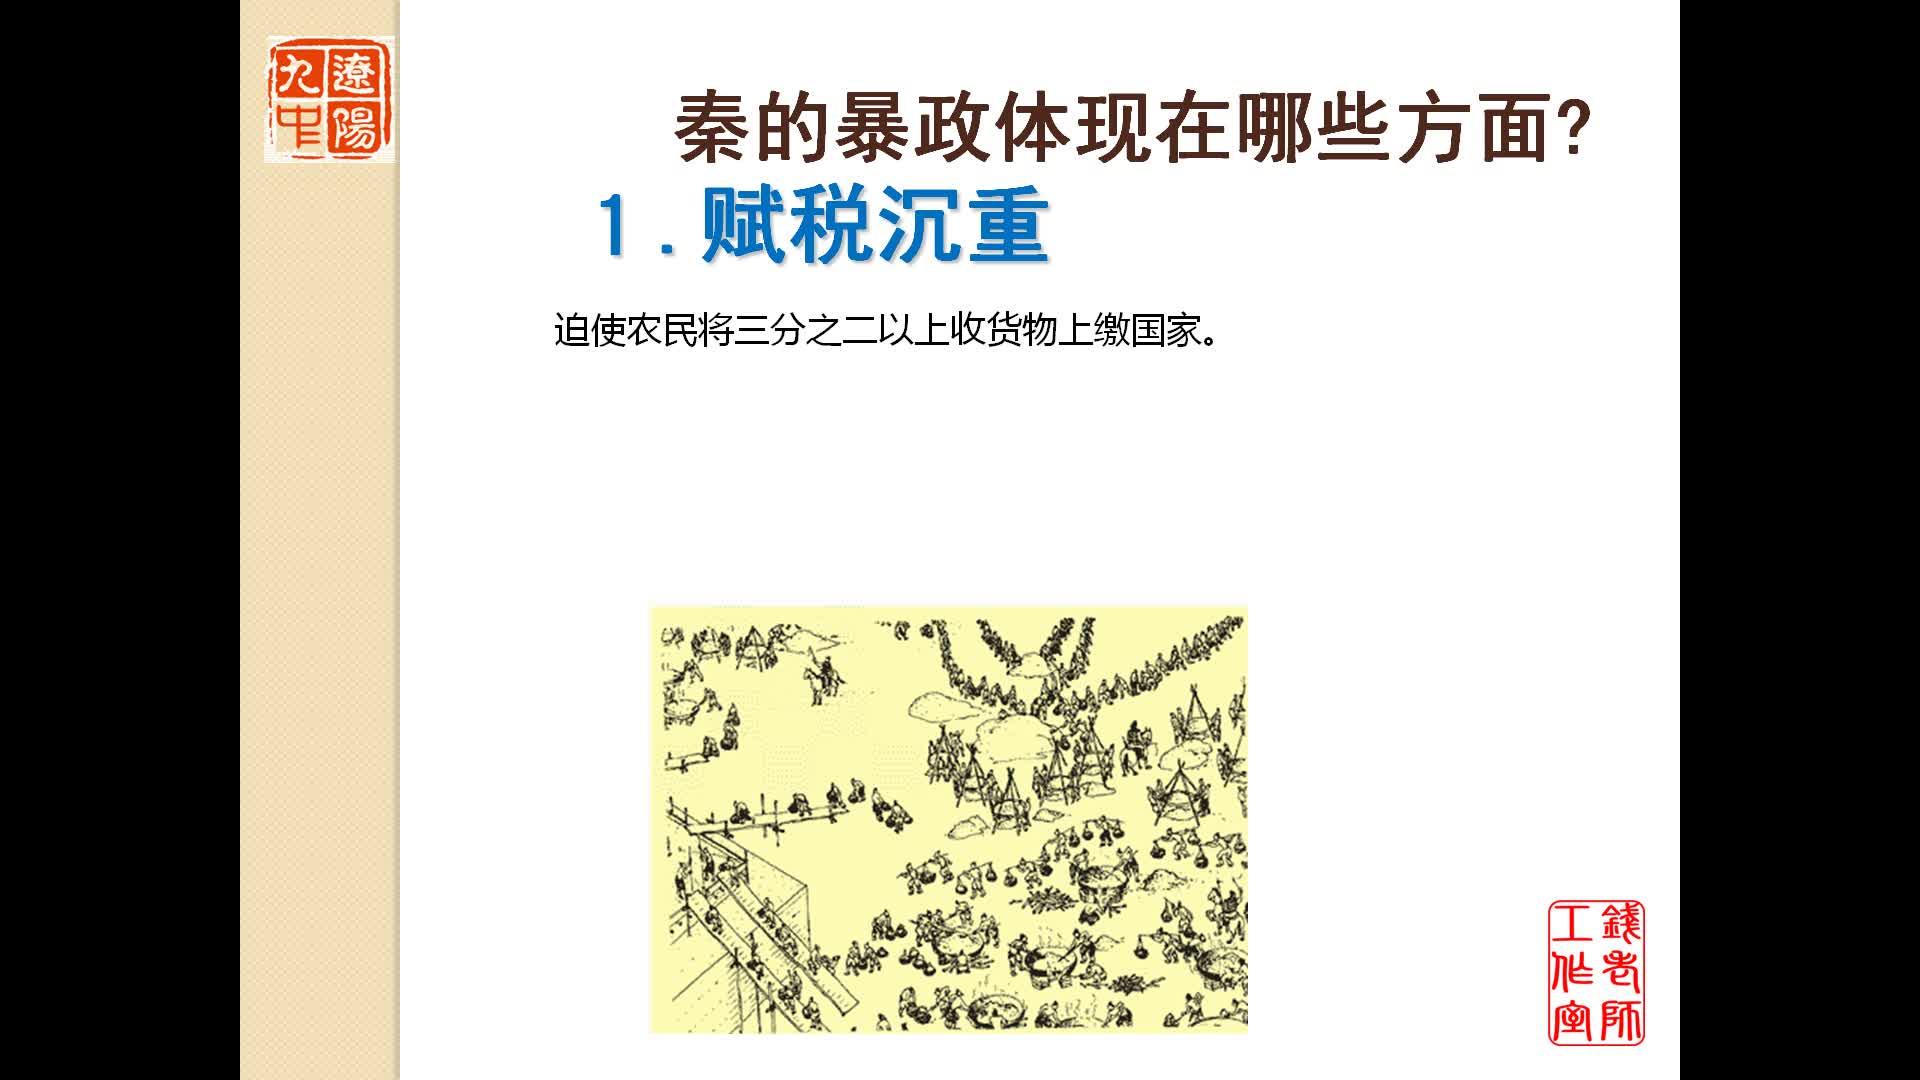 人教版 七年级历史上册 第三单元 第10课 秦末农民大起义-微课堂